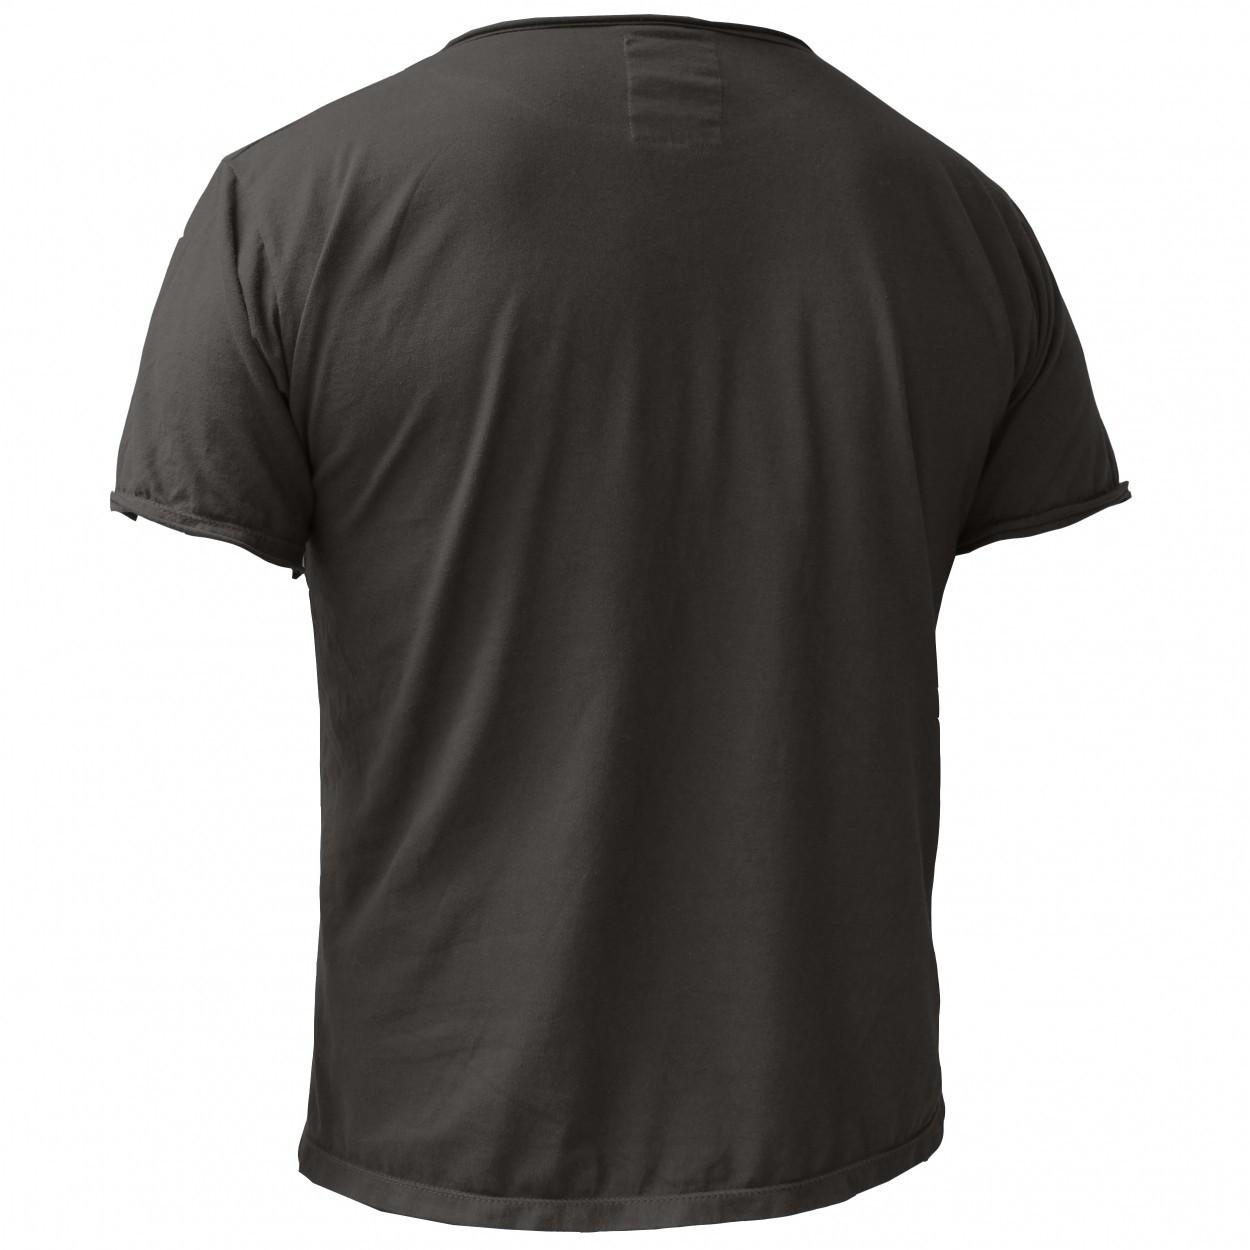 """T-shirt plain \\\""""Woonwai\\\"""", Charcoal grey"""